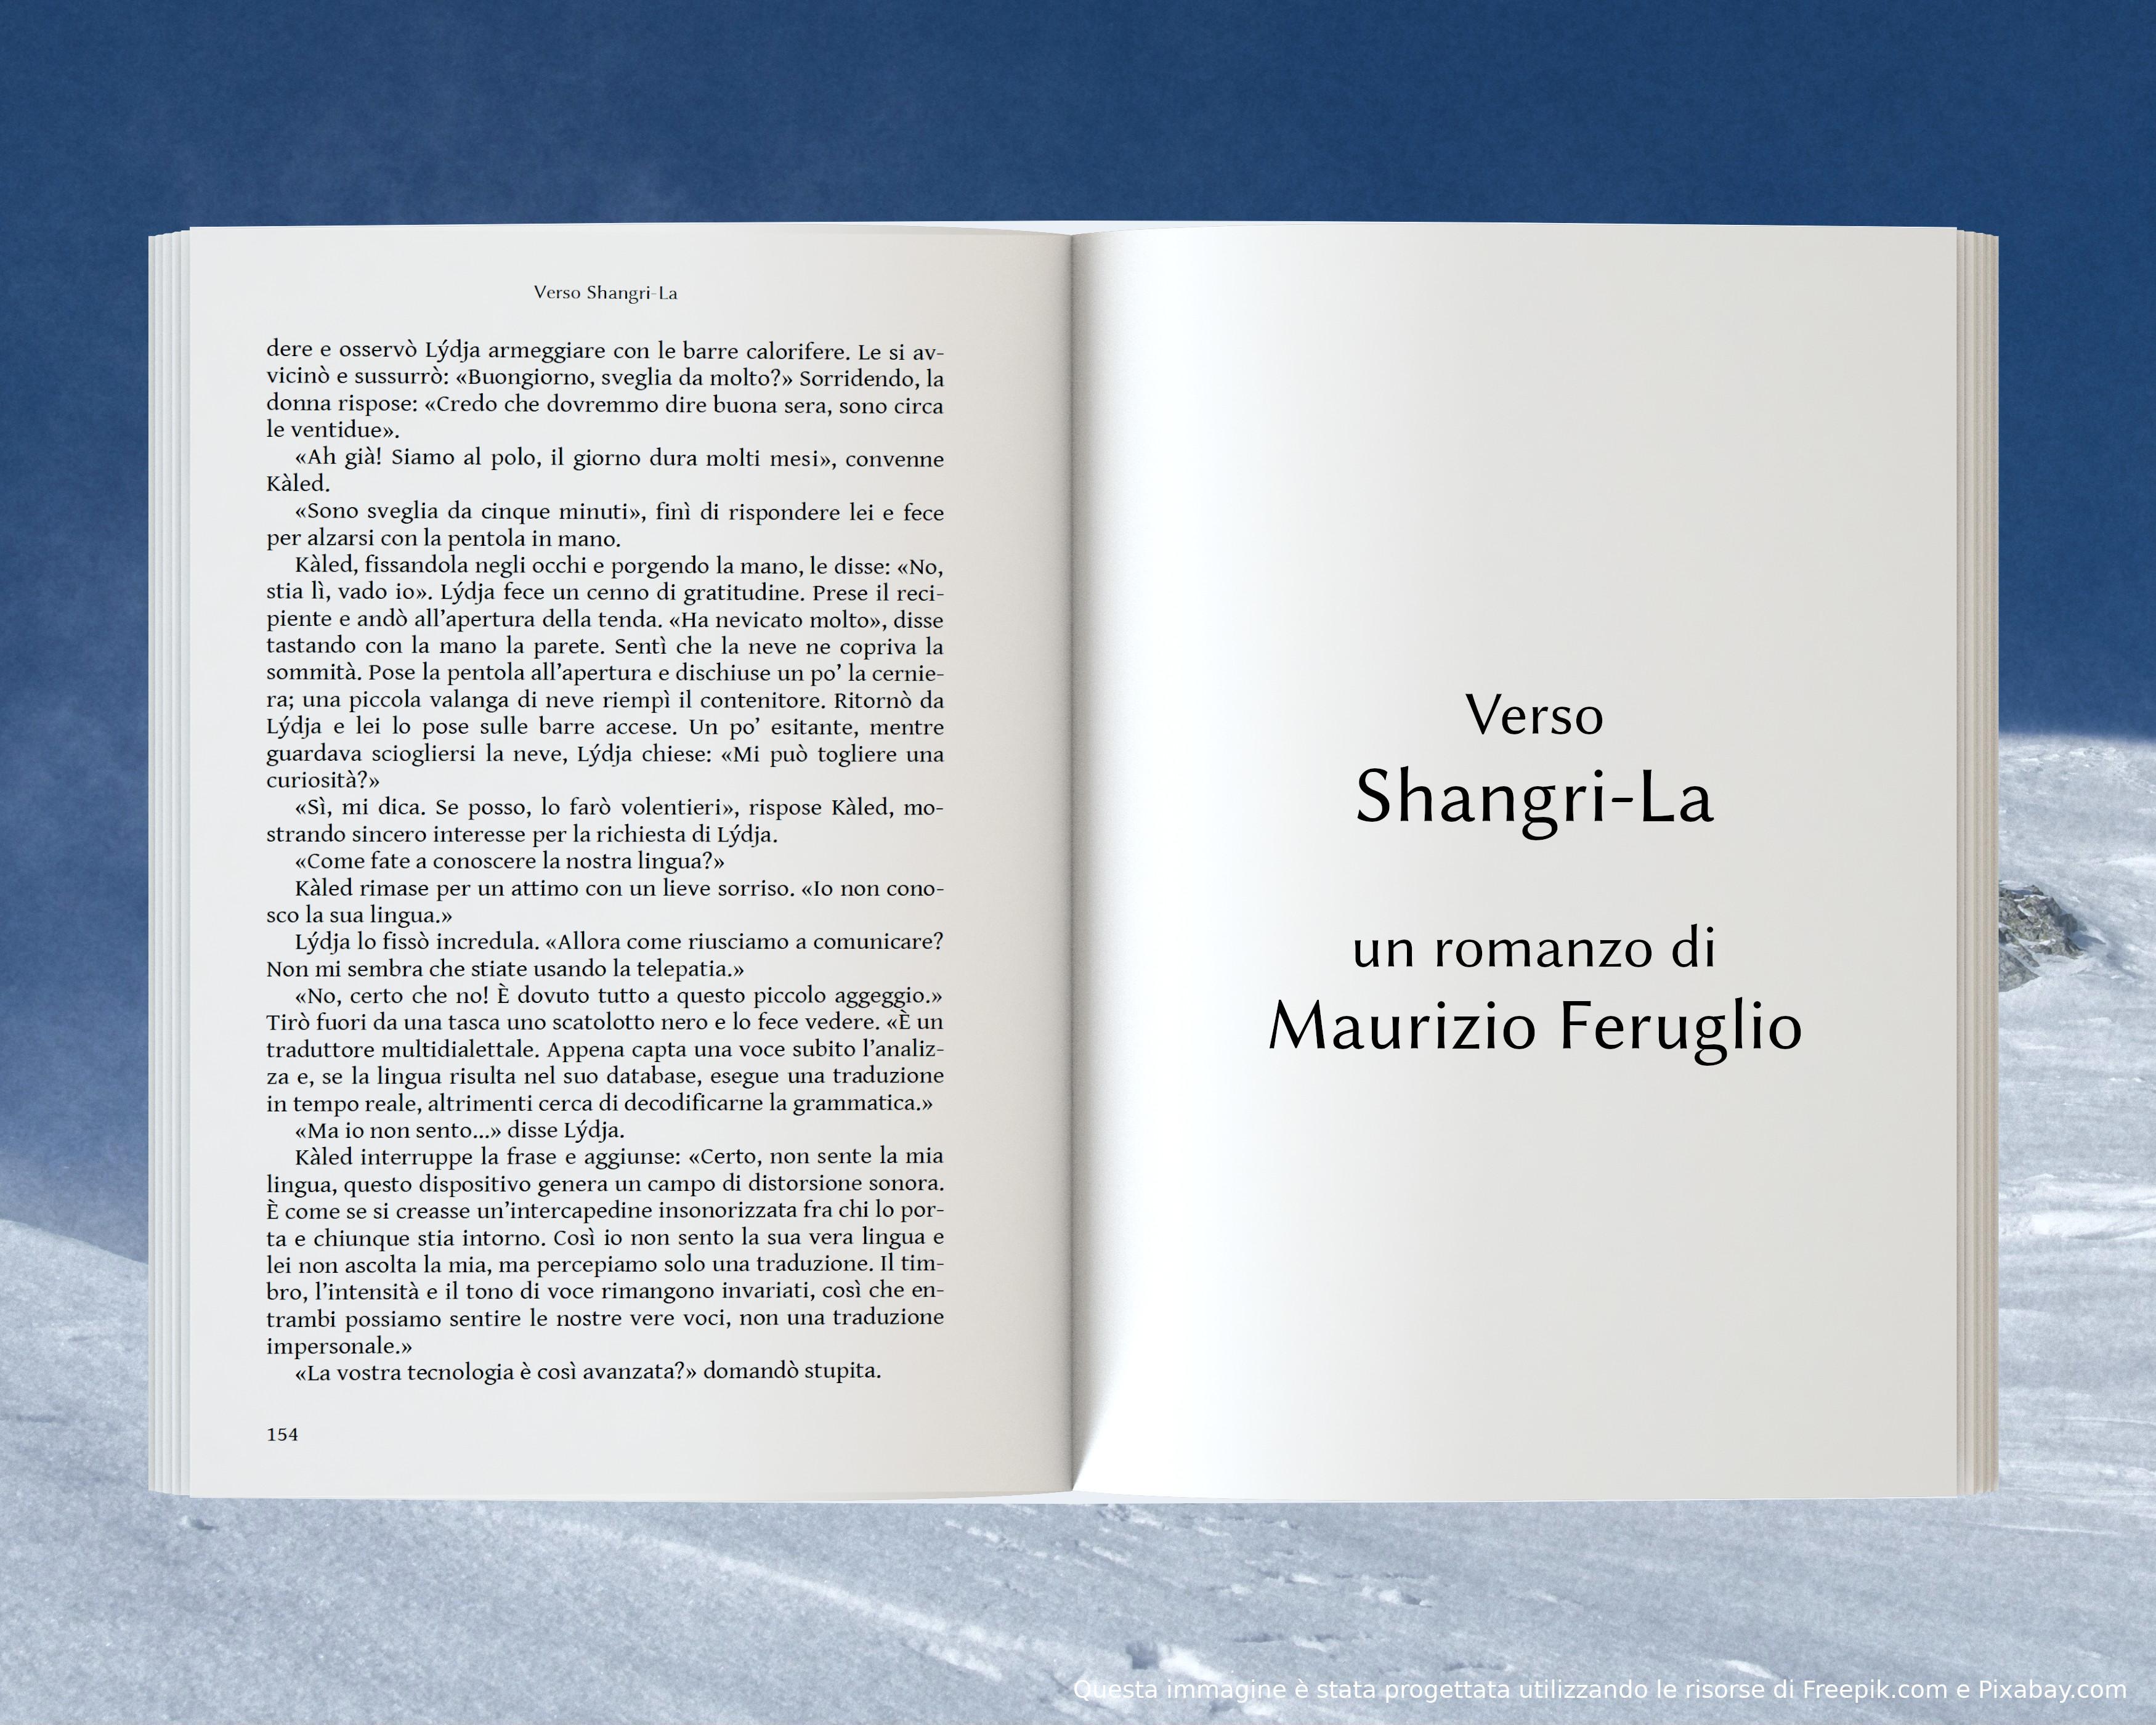 Comunicare - anteprima di Verso Shangri-La di Maurizio Feruglio